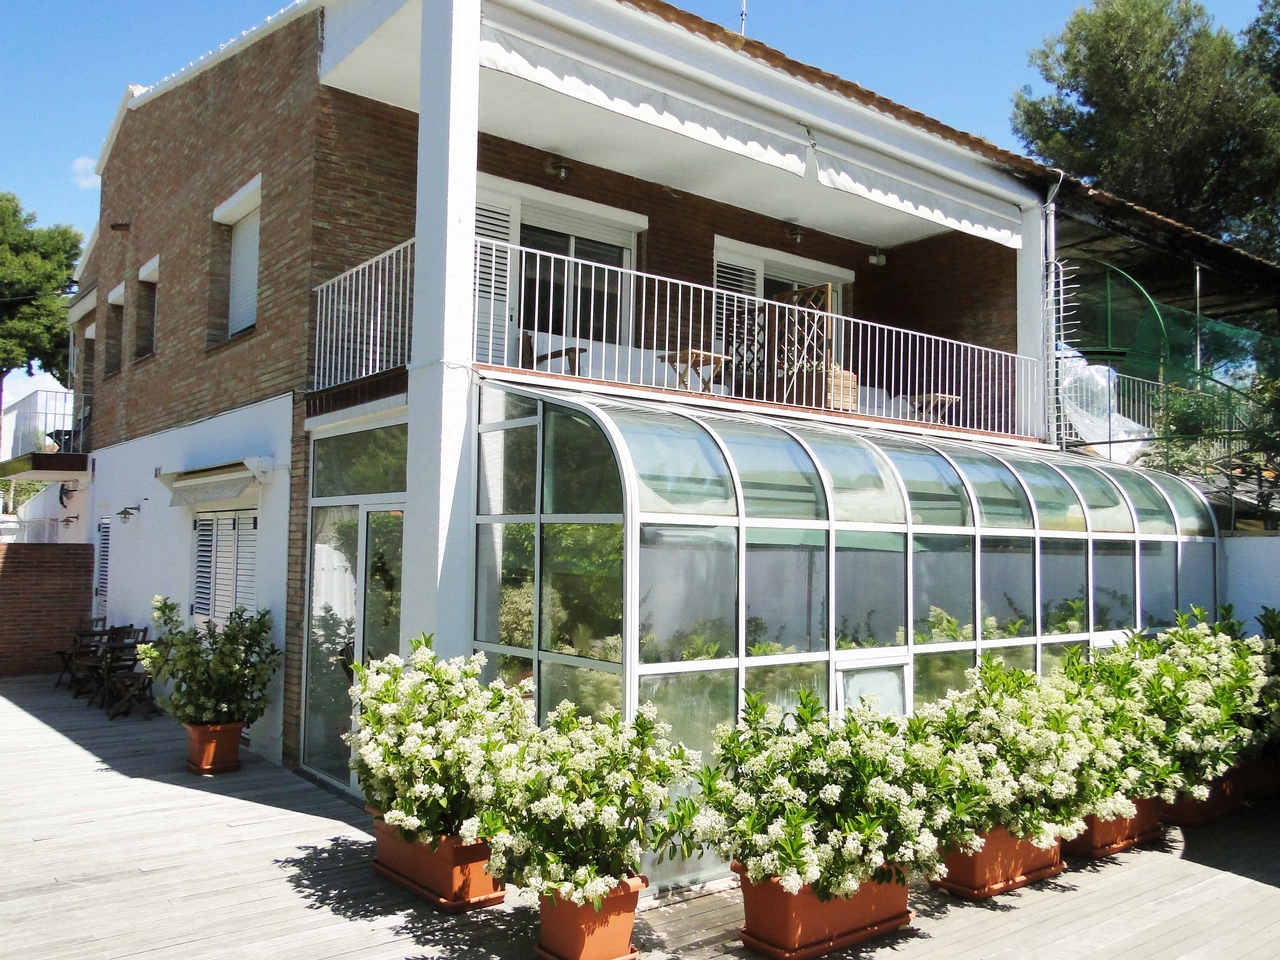 Casa / Chalet en Sitges, La Granja, venta